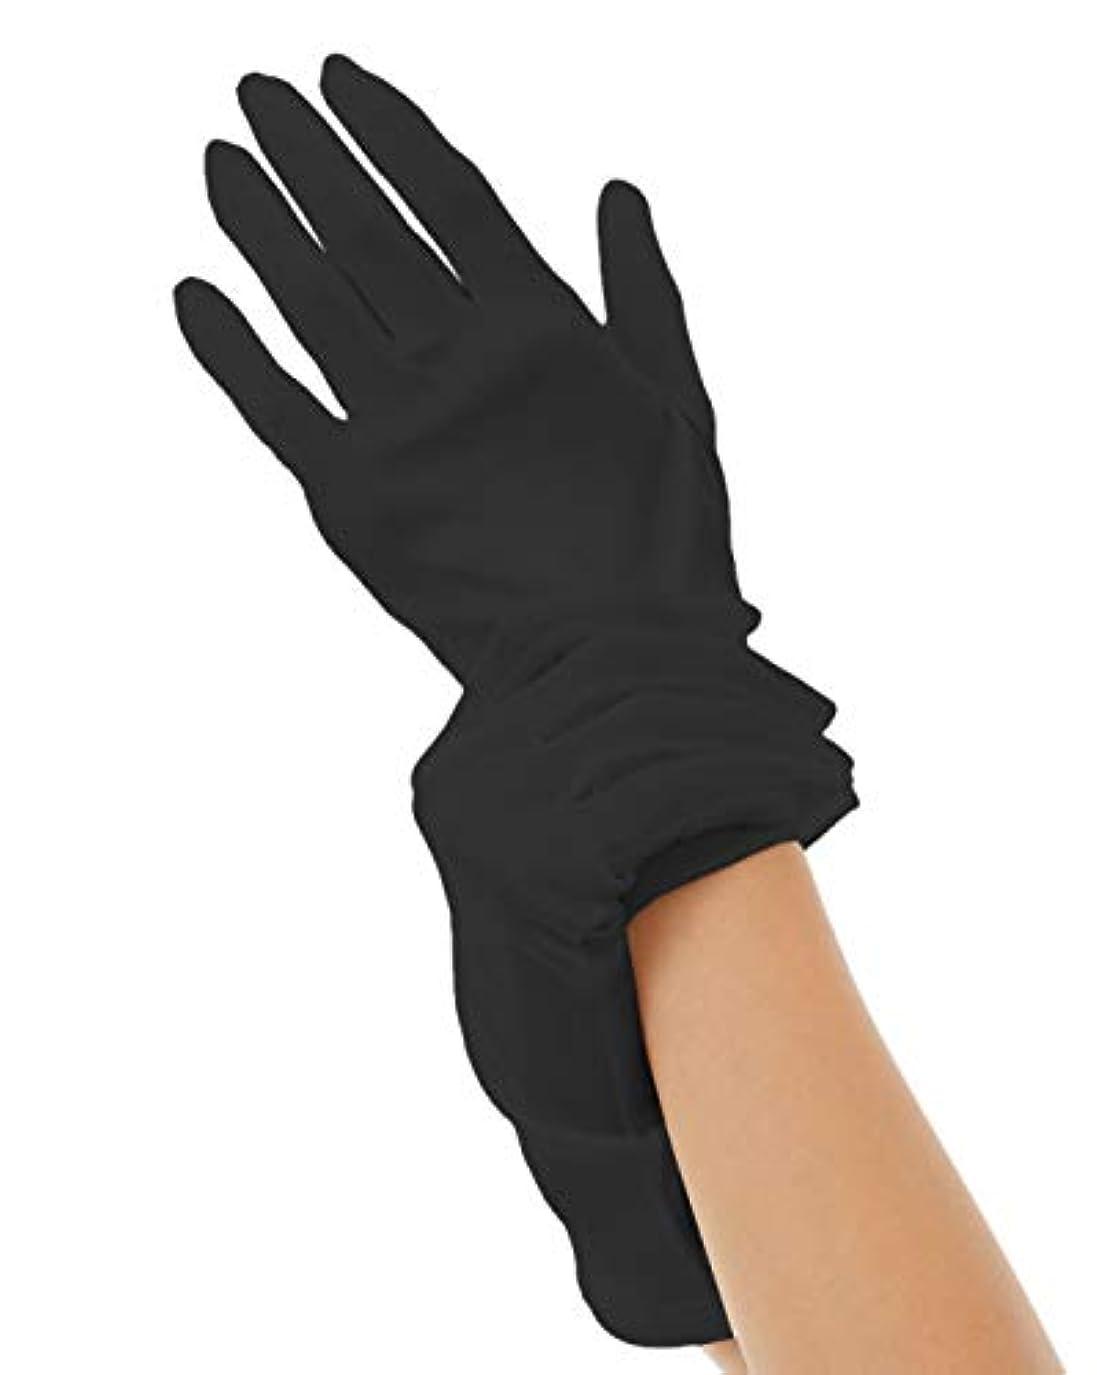 ハンドケア シルク 手袋 Silk 100% おやすみ スキンケア グローブ うるおい 保湿 ひび あかぎれ 保護 上質な天然素材 (M, ブラック)